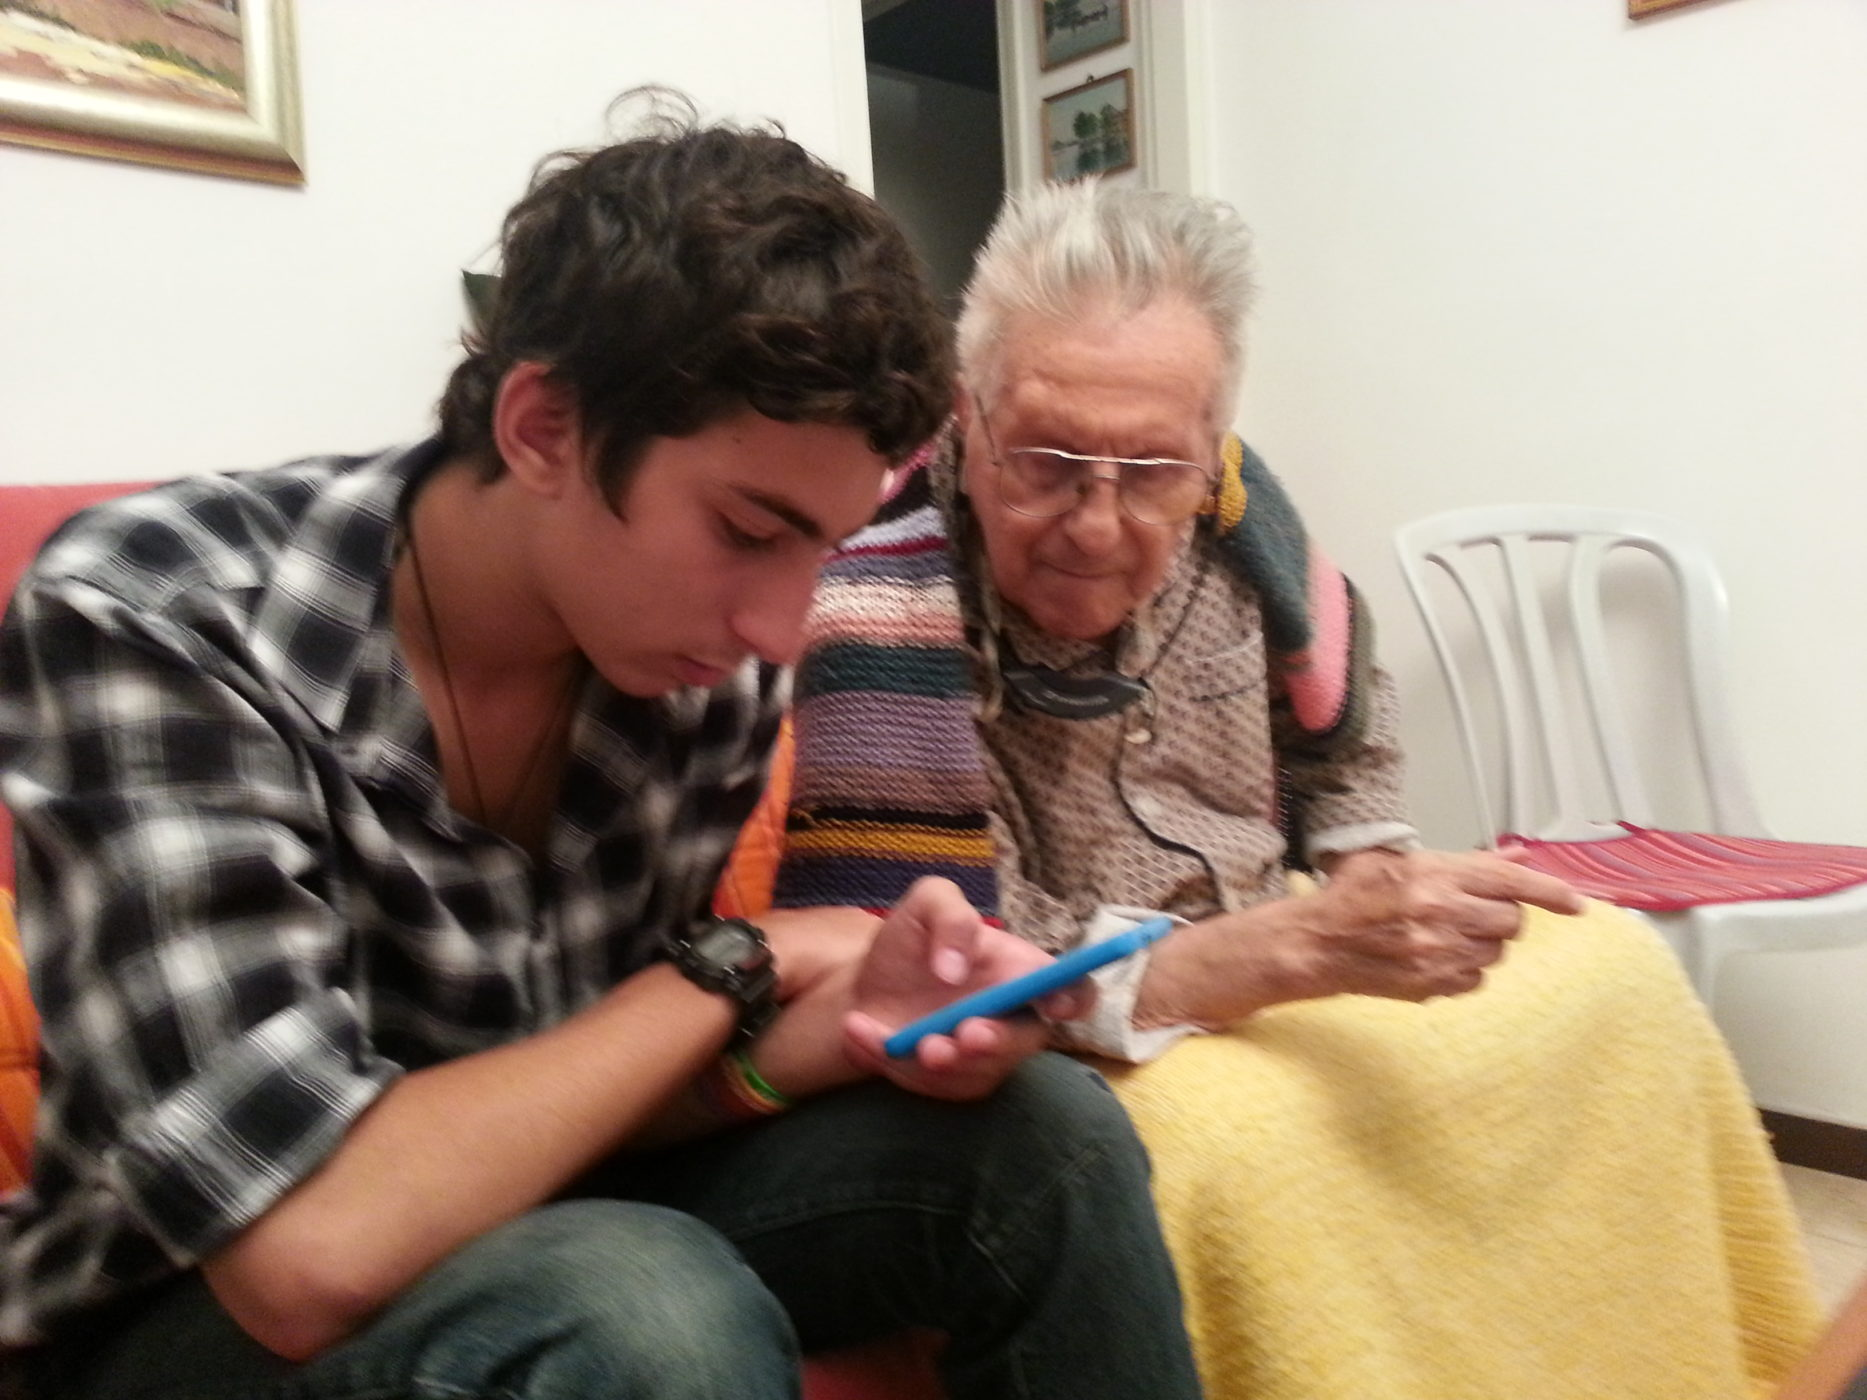 שם השולח: נמרוד טקסלר. התמונה הזו שנלקחה מהפלאפון שלי איפשרה לי לתפוס רגע מיוחד ולנציח את סבא שלי. יותר מהכל היא מיצגת את היותה שלה הטכנולוגיה כגשר בין בני אדם באמצעות התוכן הנרחב שהיא מציע בכל רגע נתון כמו גם את היותה דלת לזכורונות וחוויות שמלווים אותך בכיס הזמן. אותה יוכלת היא גם מה שאפשרה לי לחלוק עם סבי שבתמונה זכורונות משותפים שלנו ברגעיו האחרונים ועל זה אני יכול רק להודות.